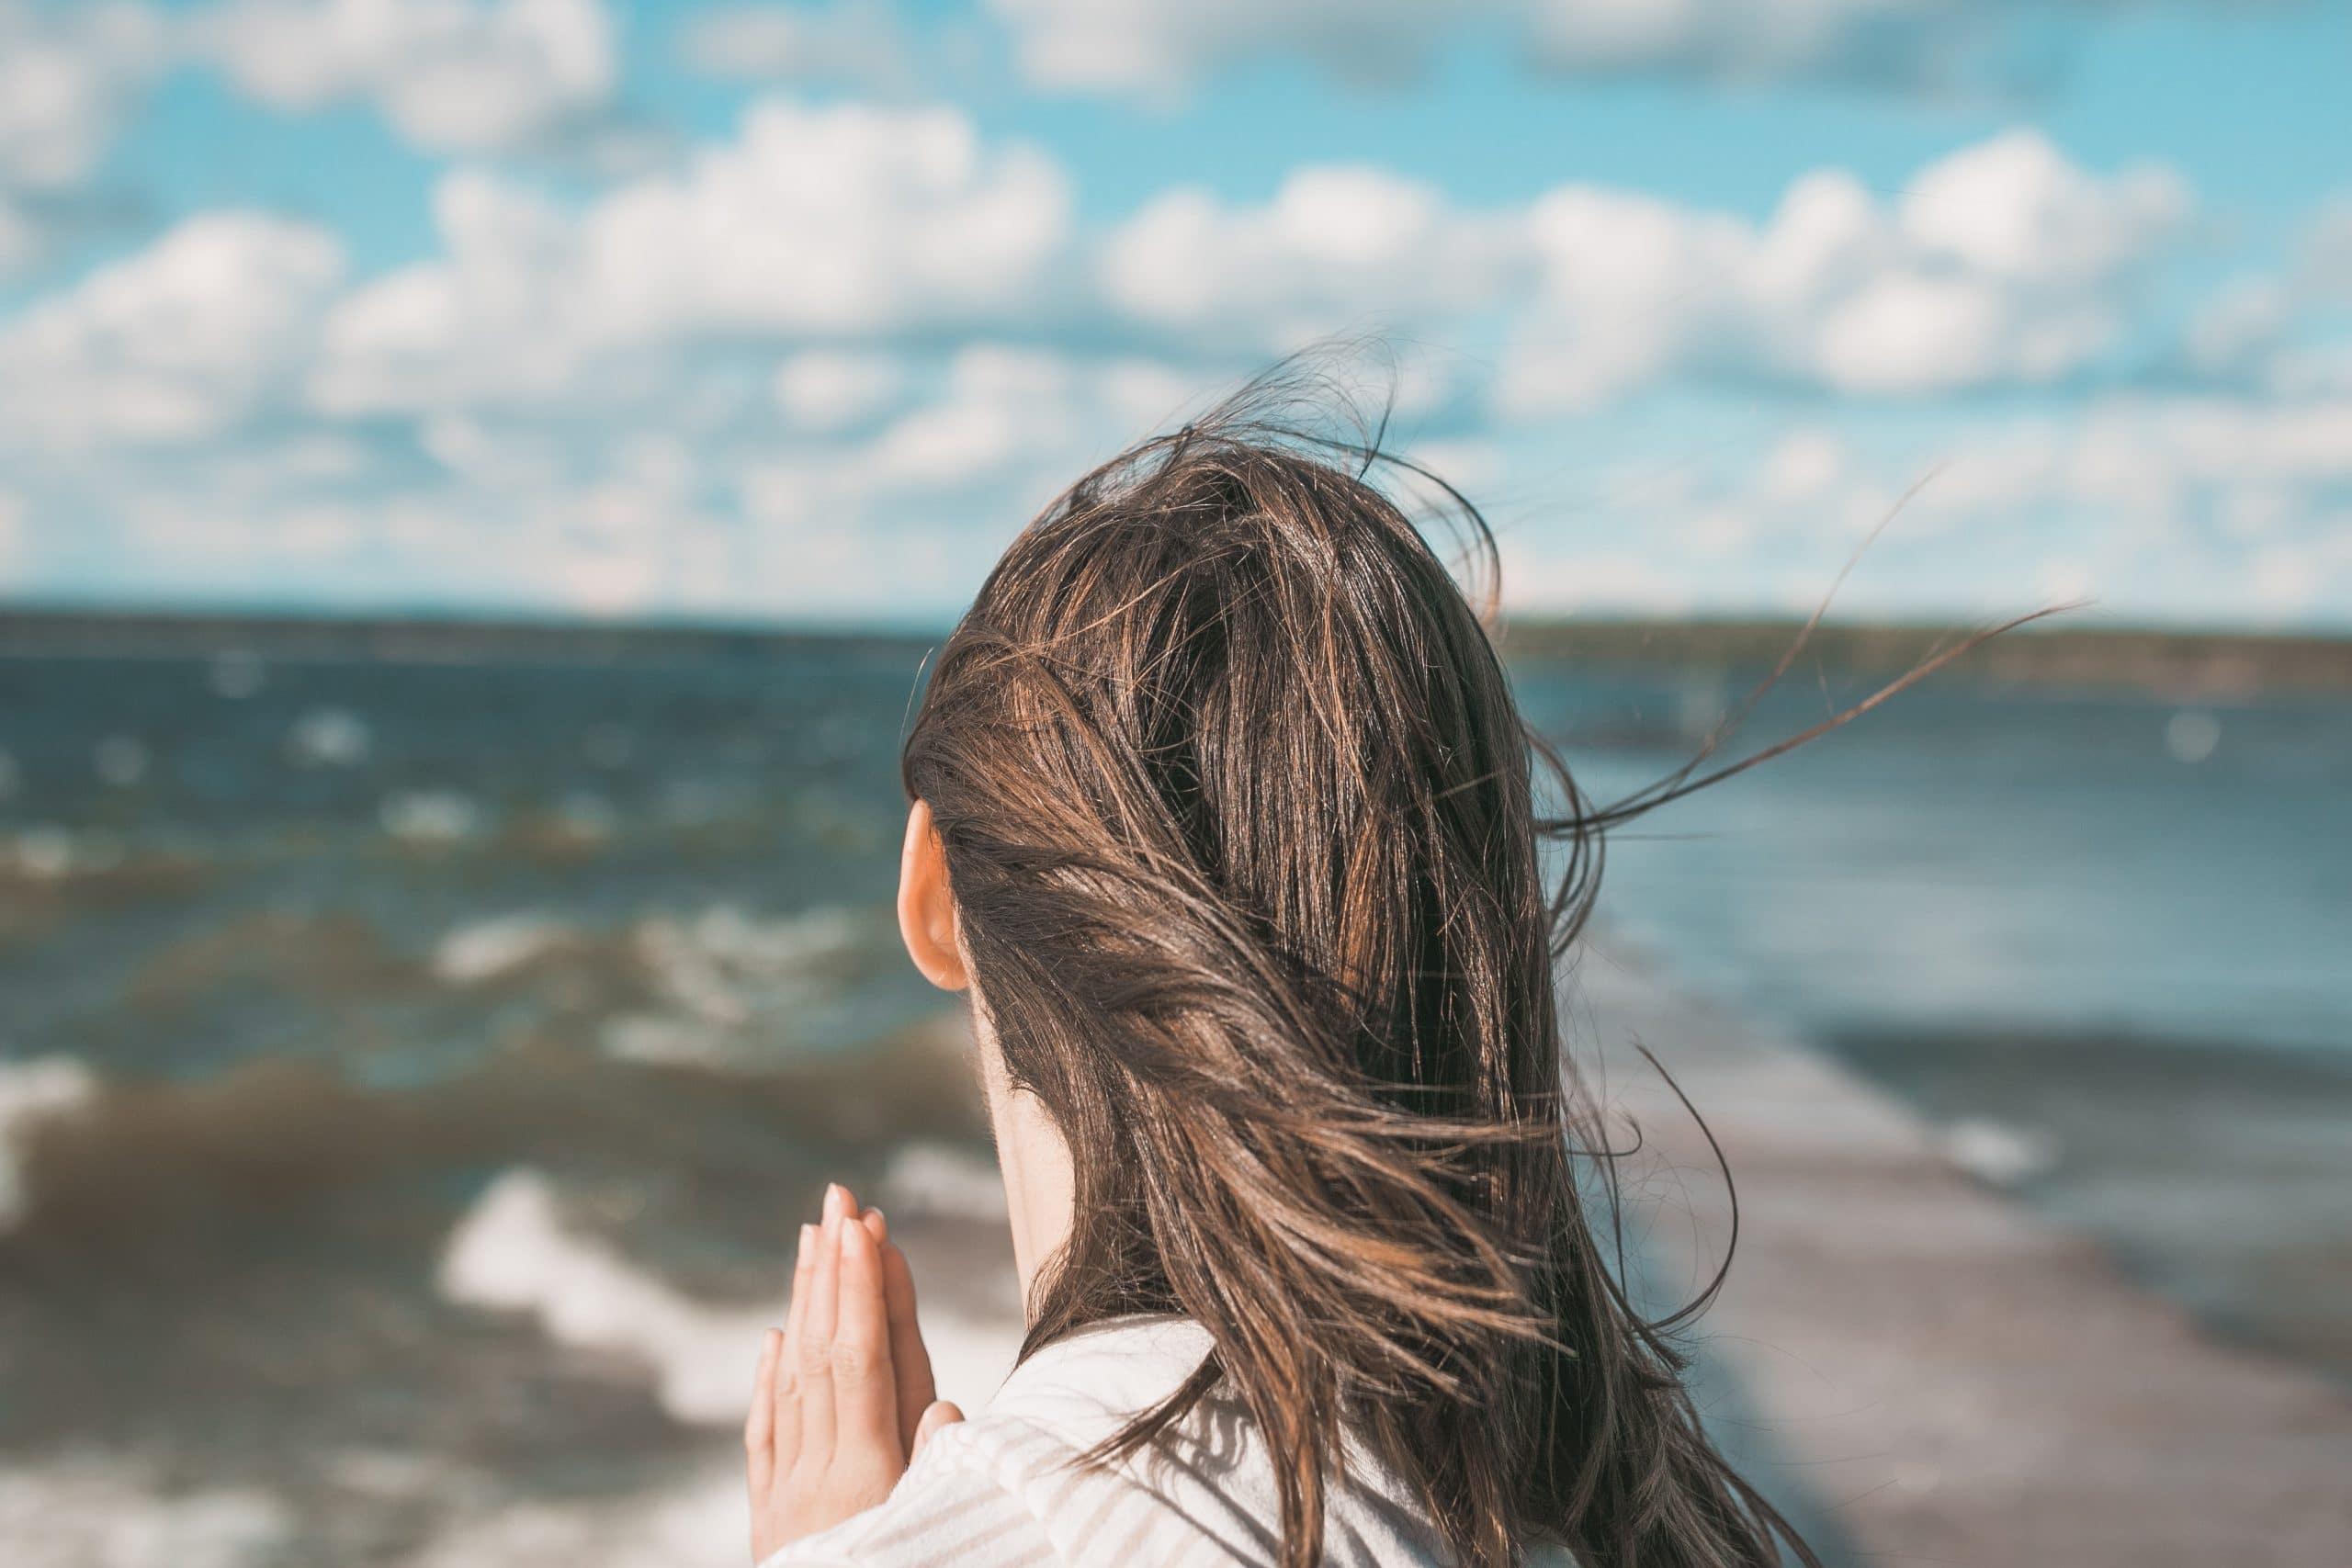 Mulher de costas olhando para o mar com as mãos juntas.